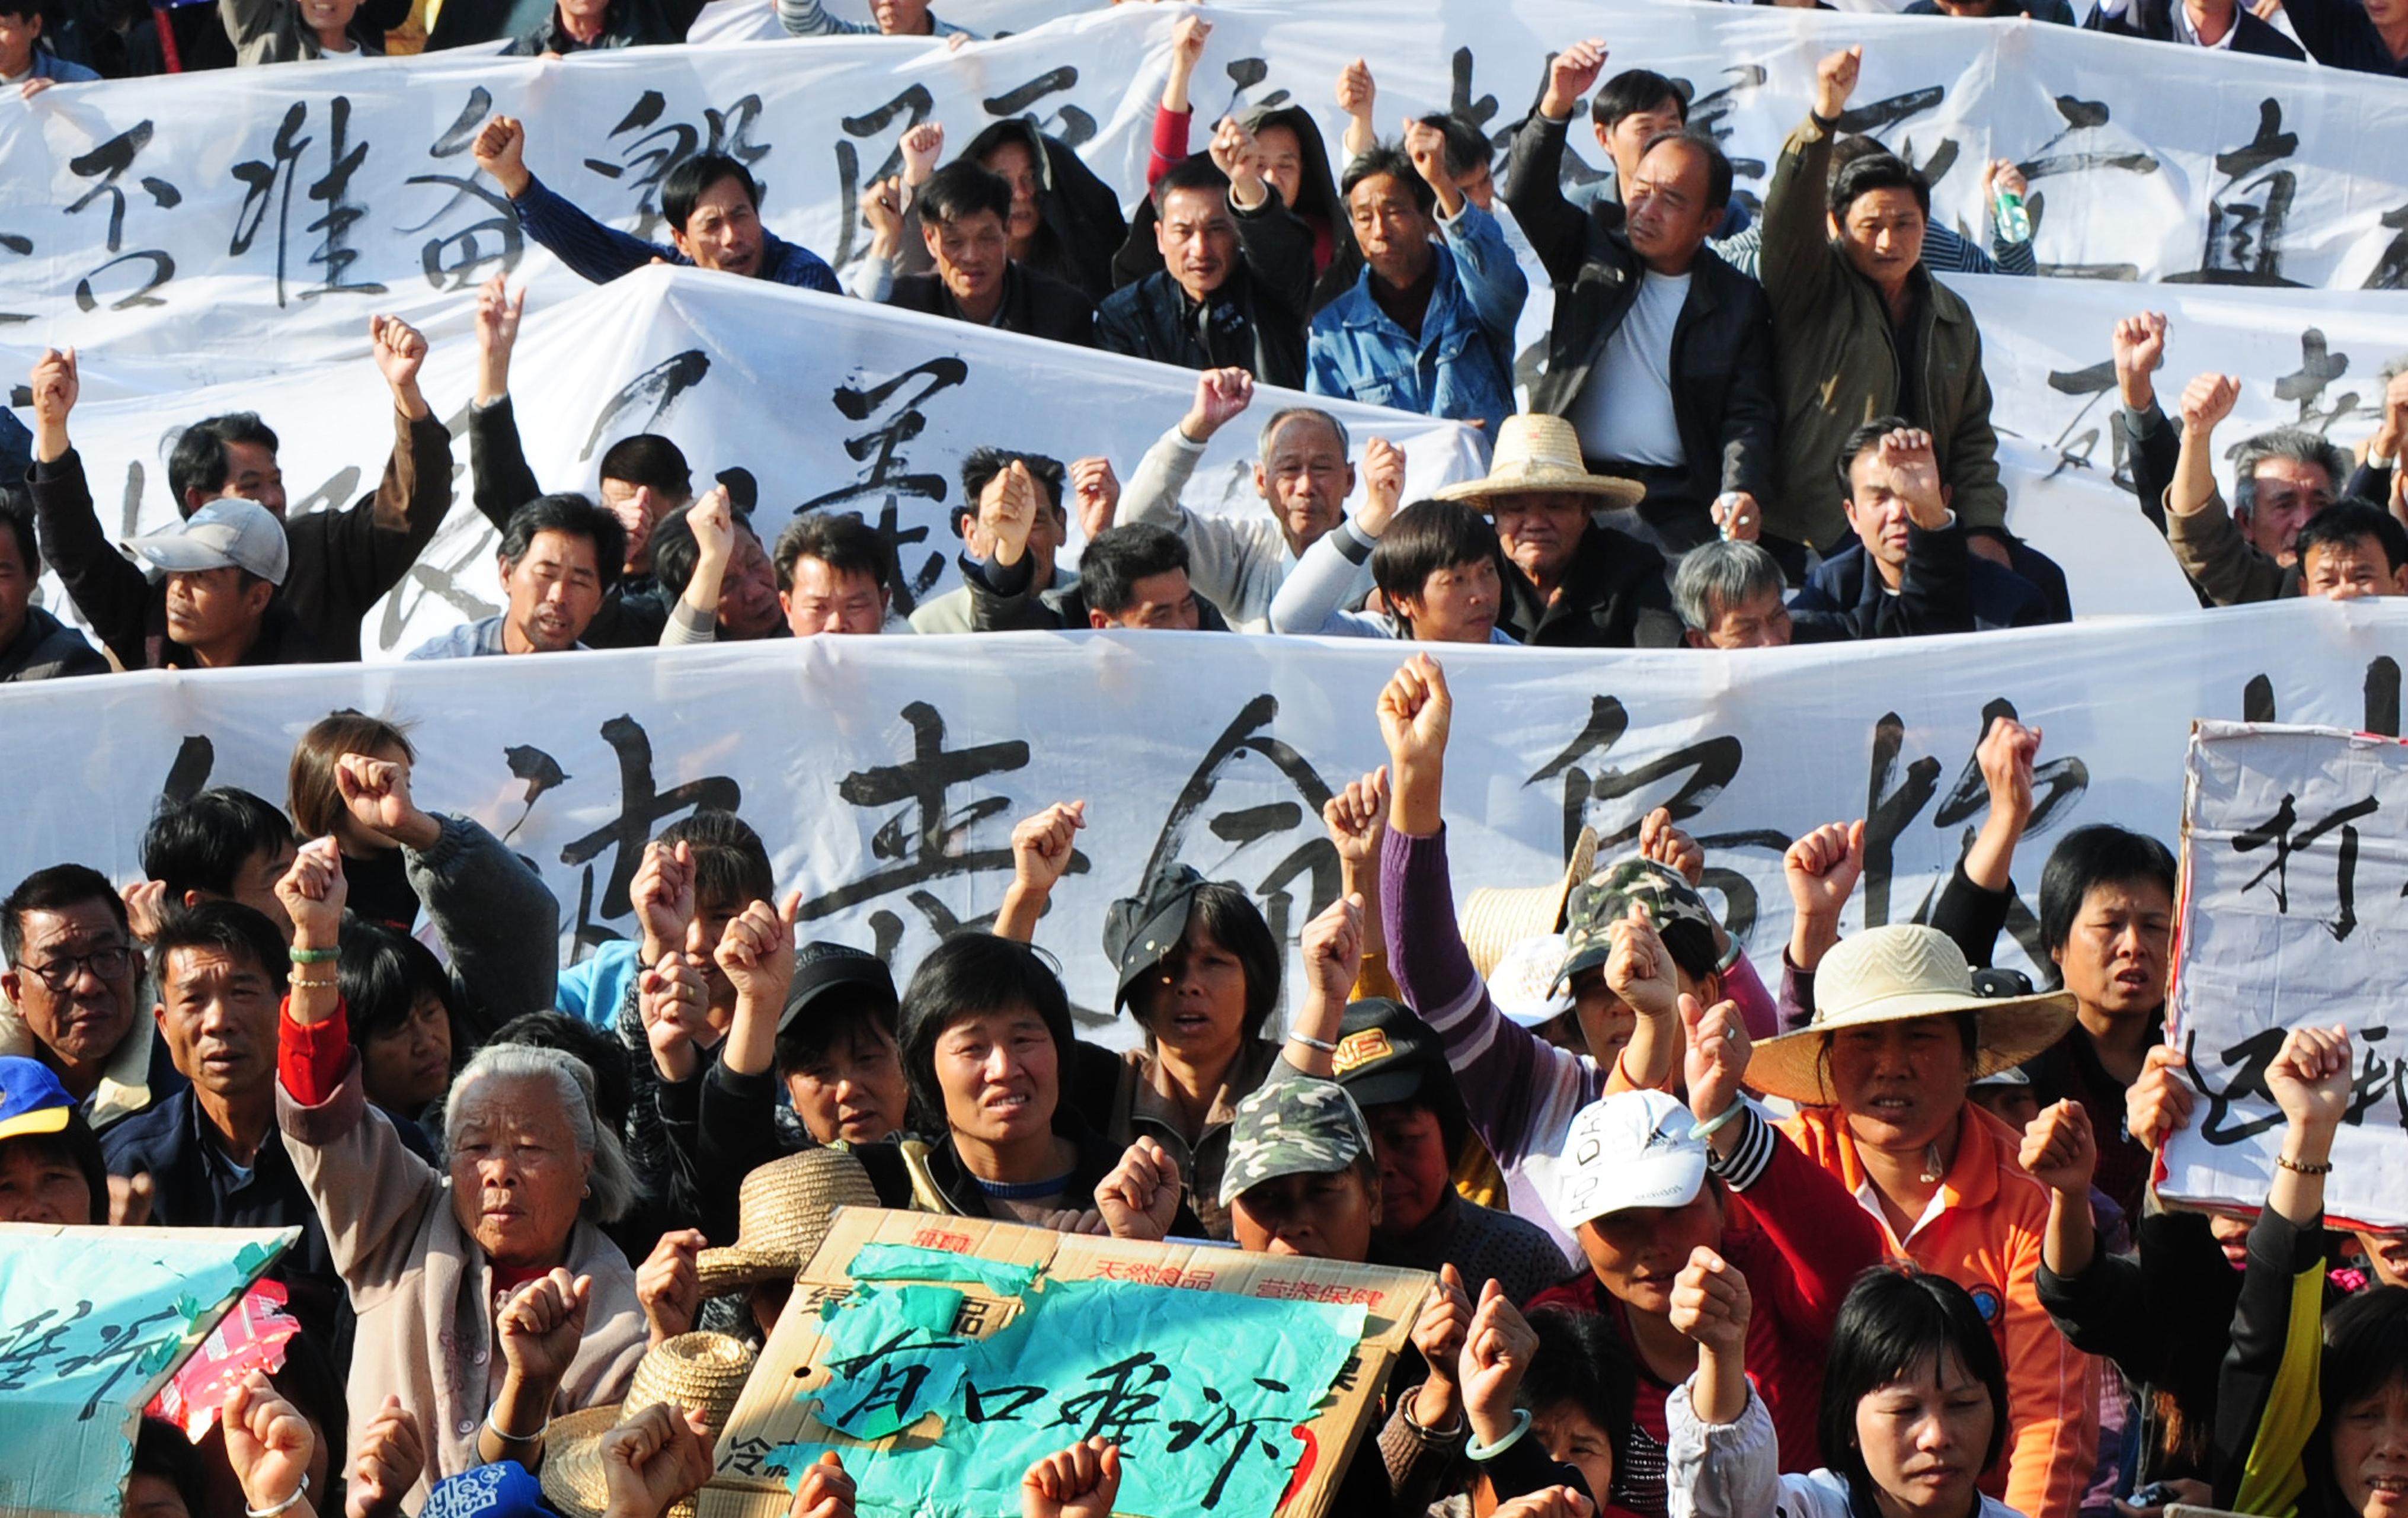 烏坎村民:我們像豆腐一樣被搗碎 - 大紀元